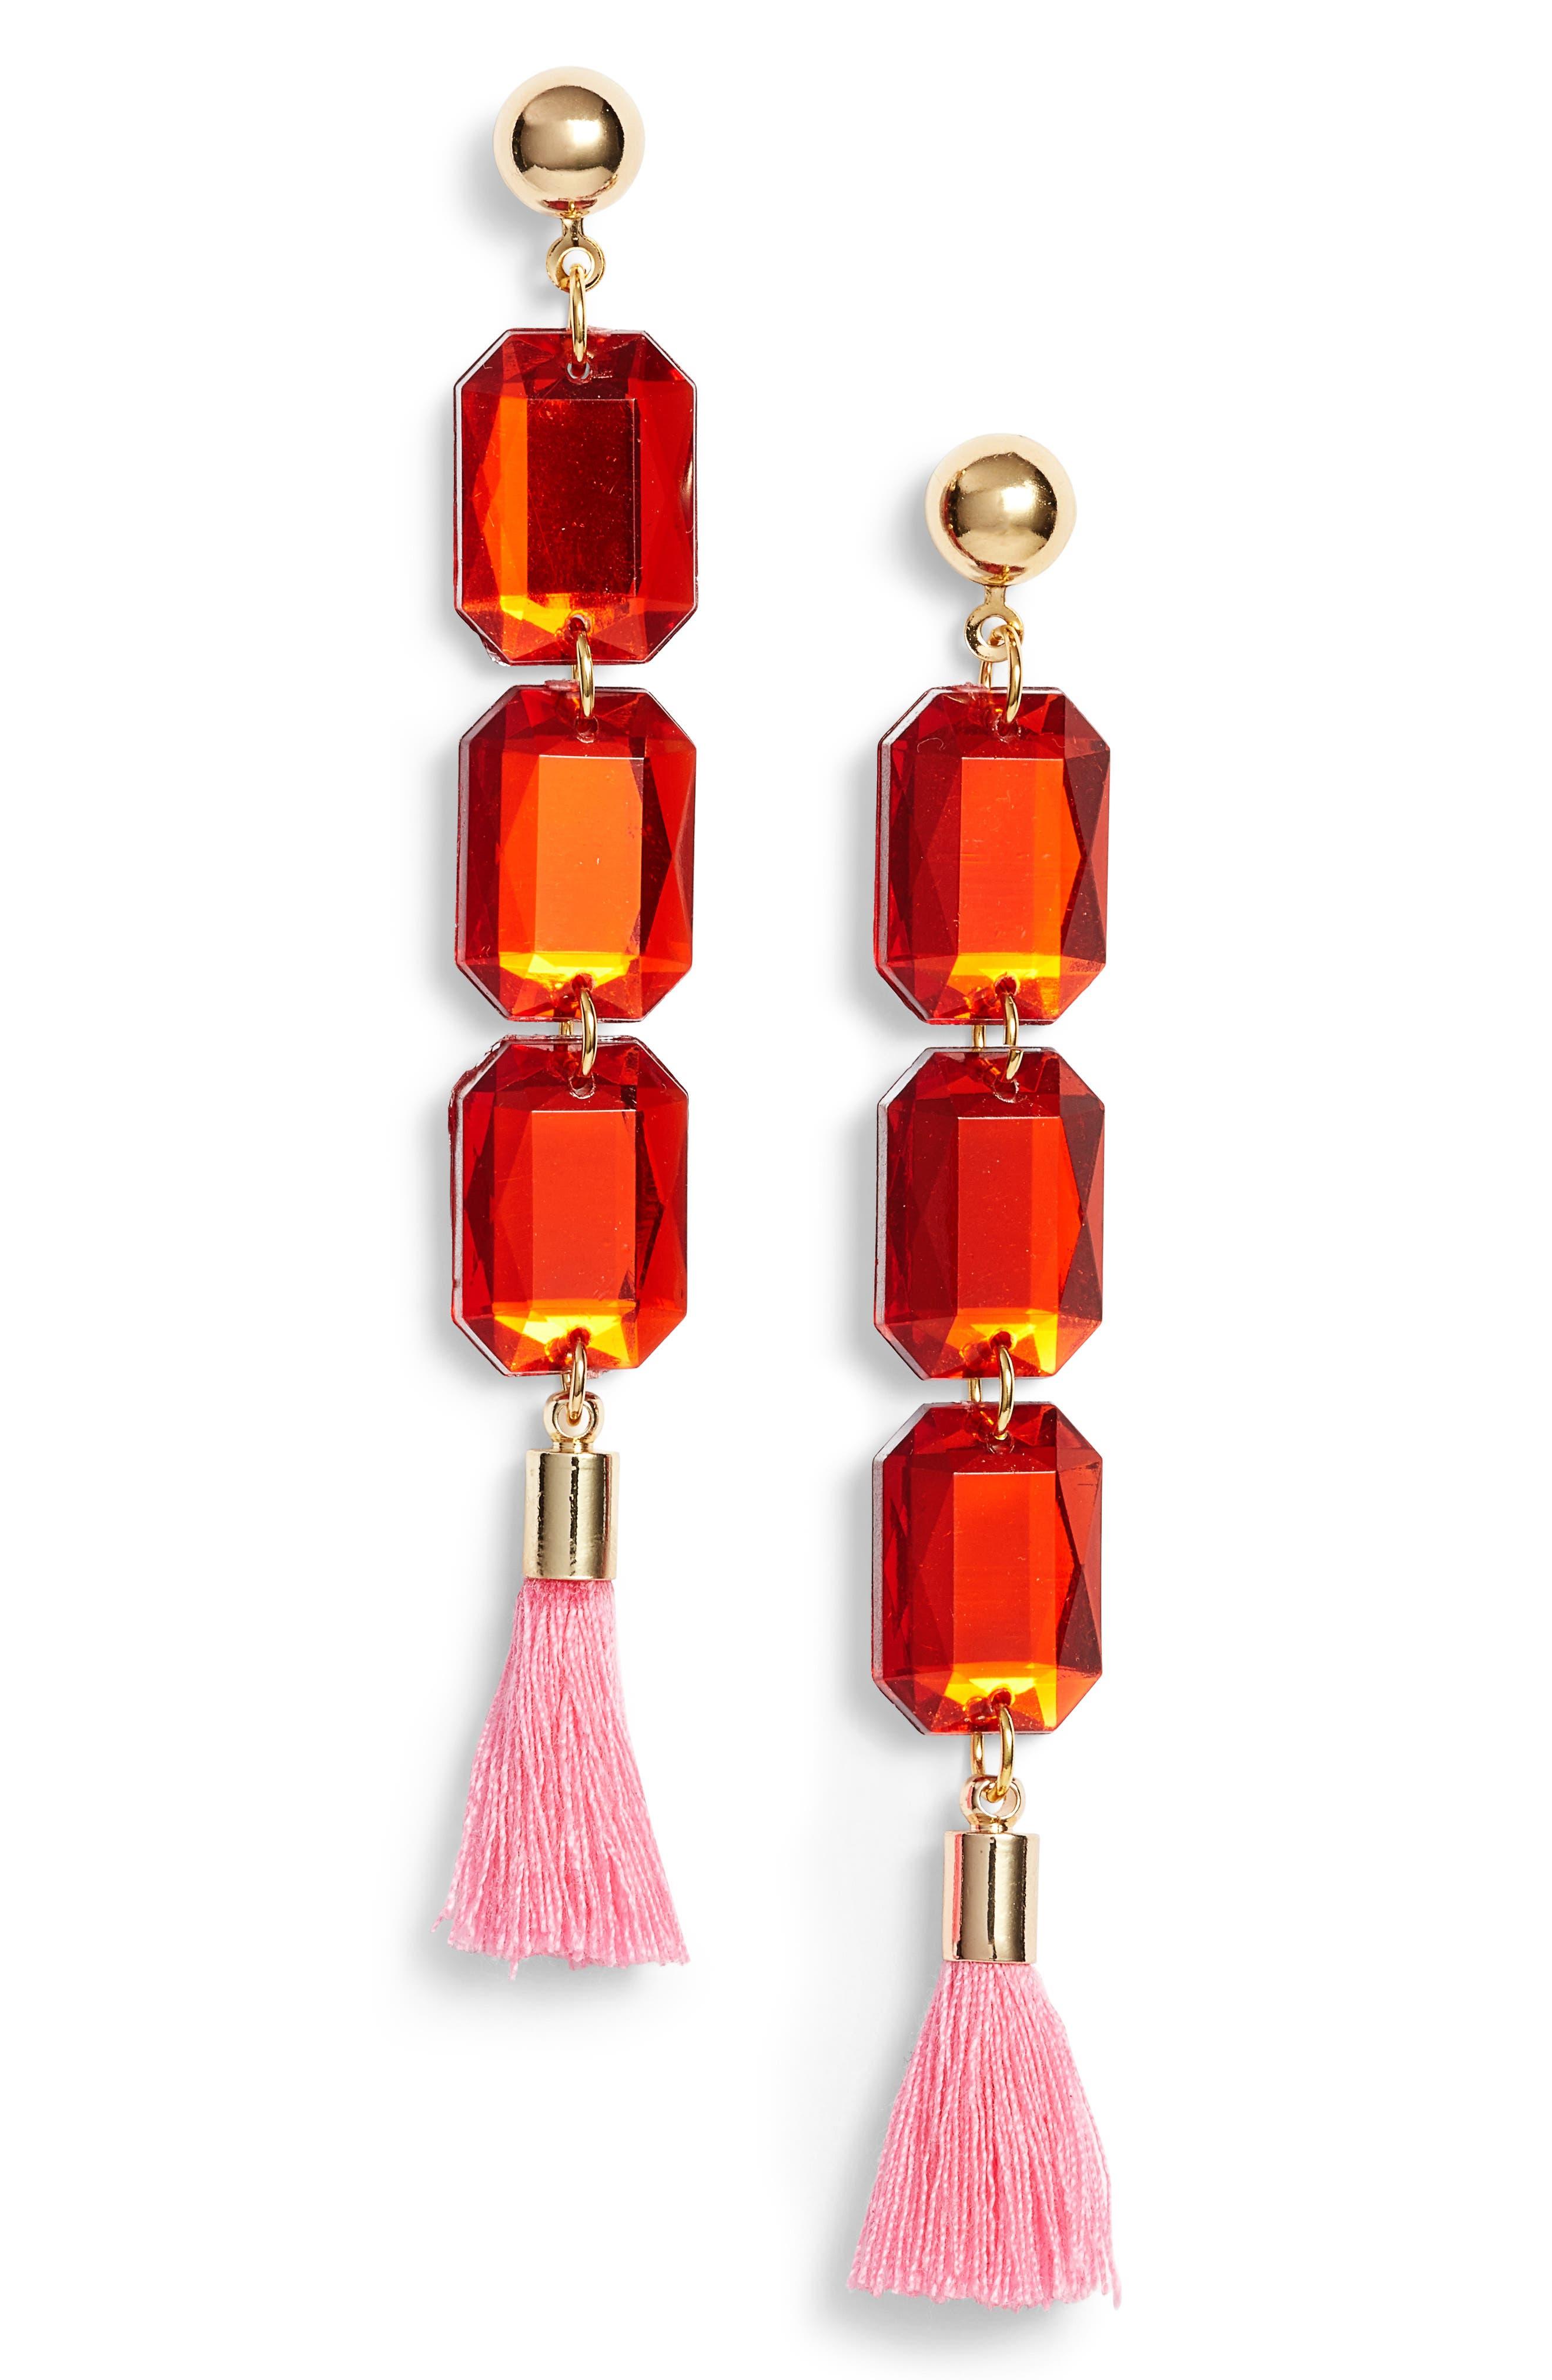 Bon Bon Drop Earrings,                             Main thumbnail 1, color,                             710